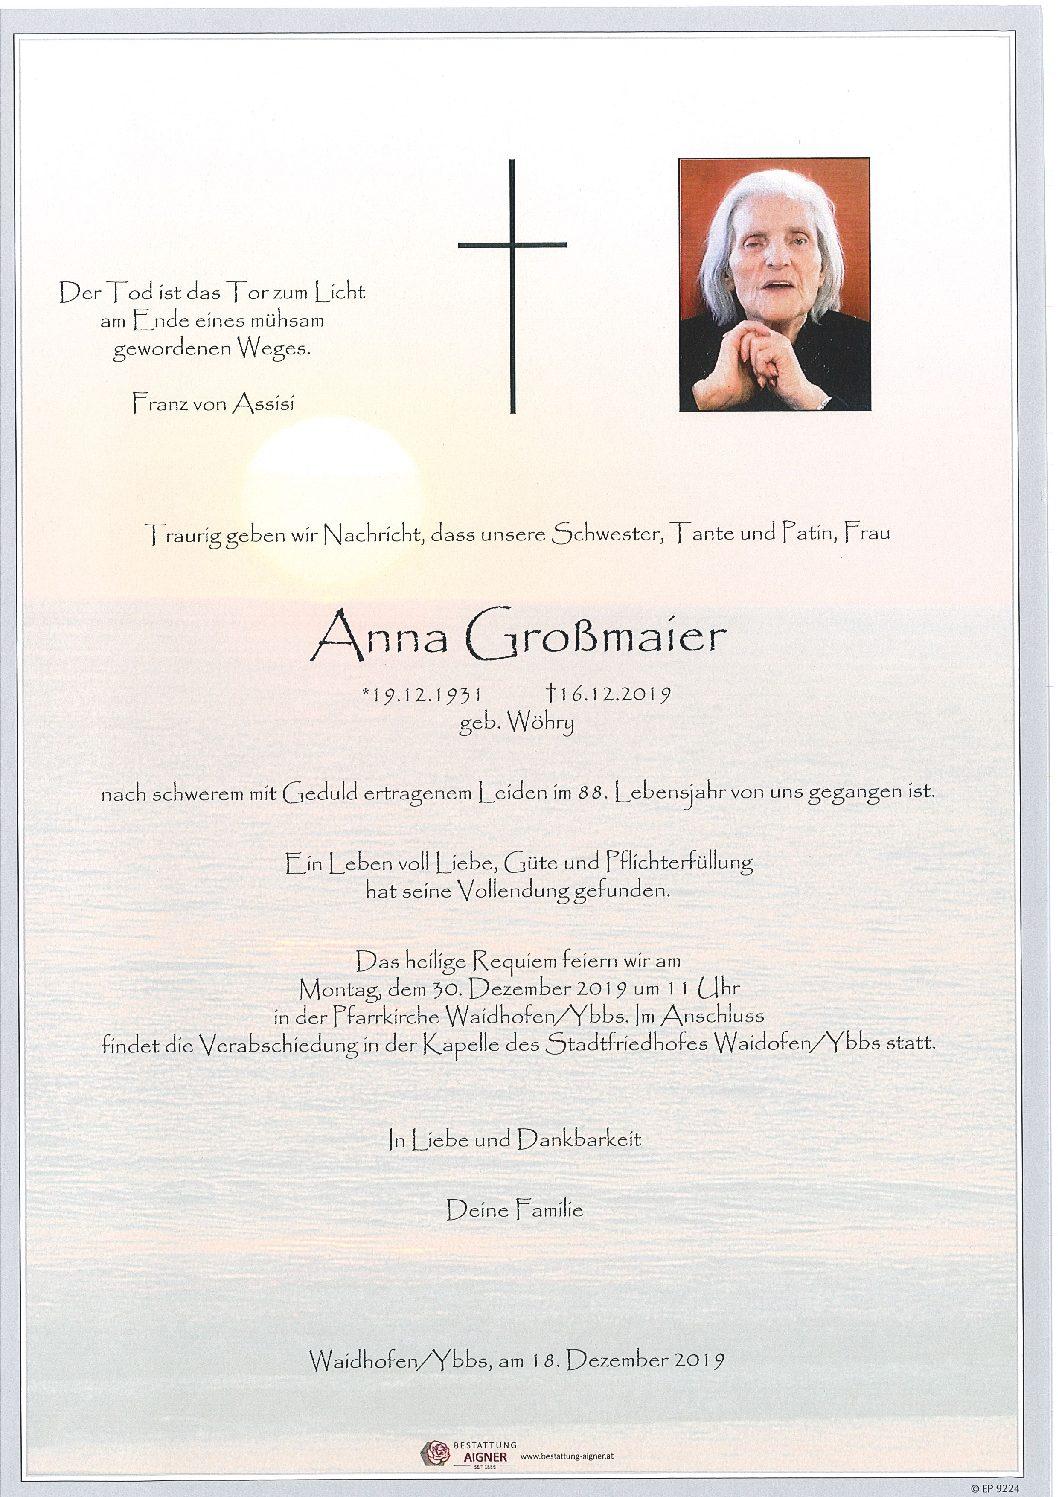 Anna Großmaier